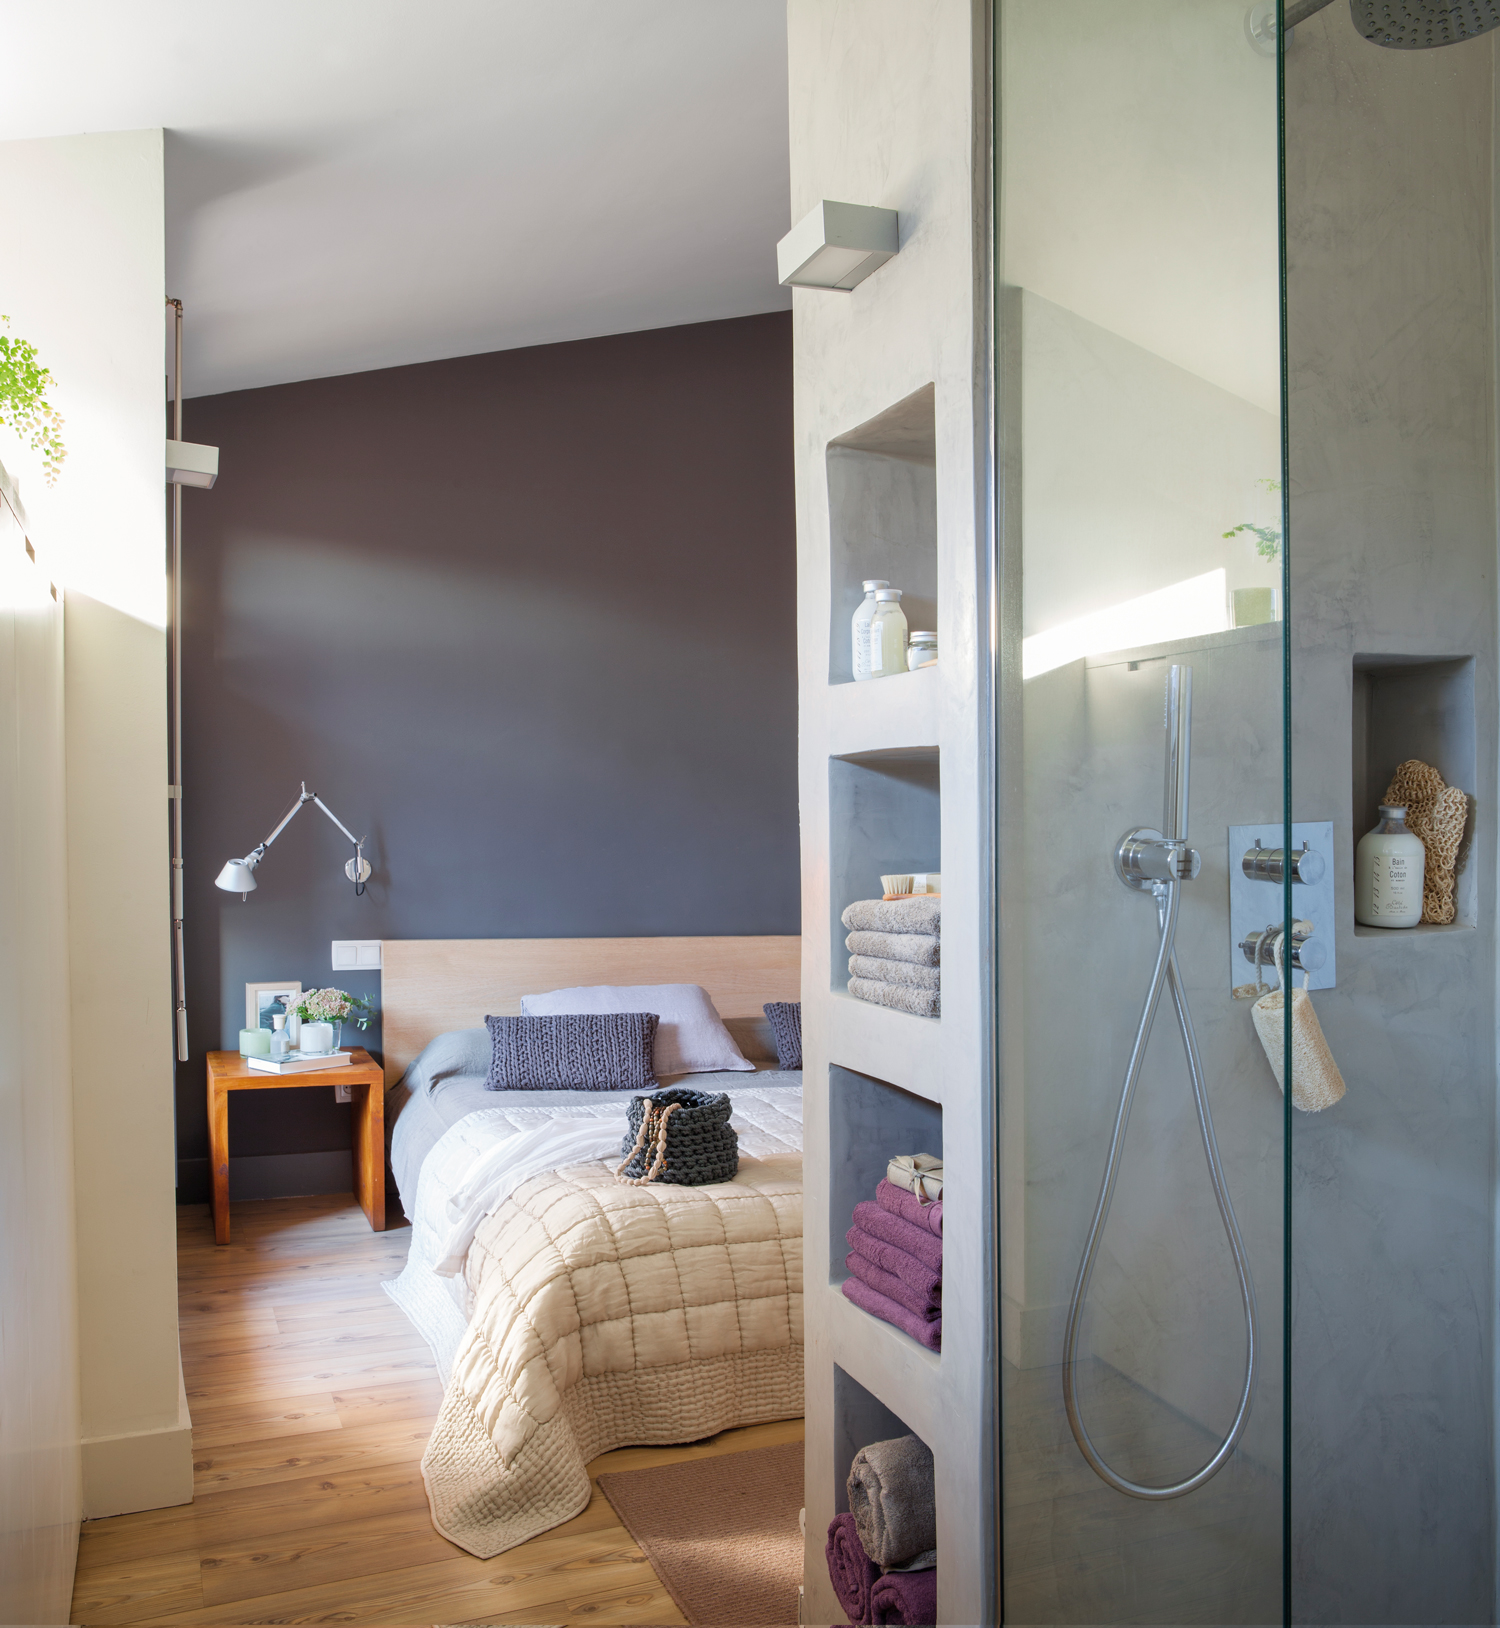 Hornacinas huecos decorativos y con espacio extra para - Bano con microcemento ...